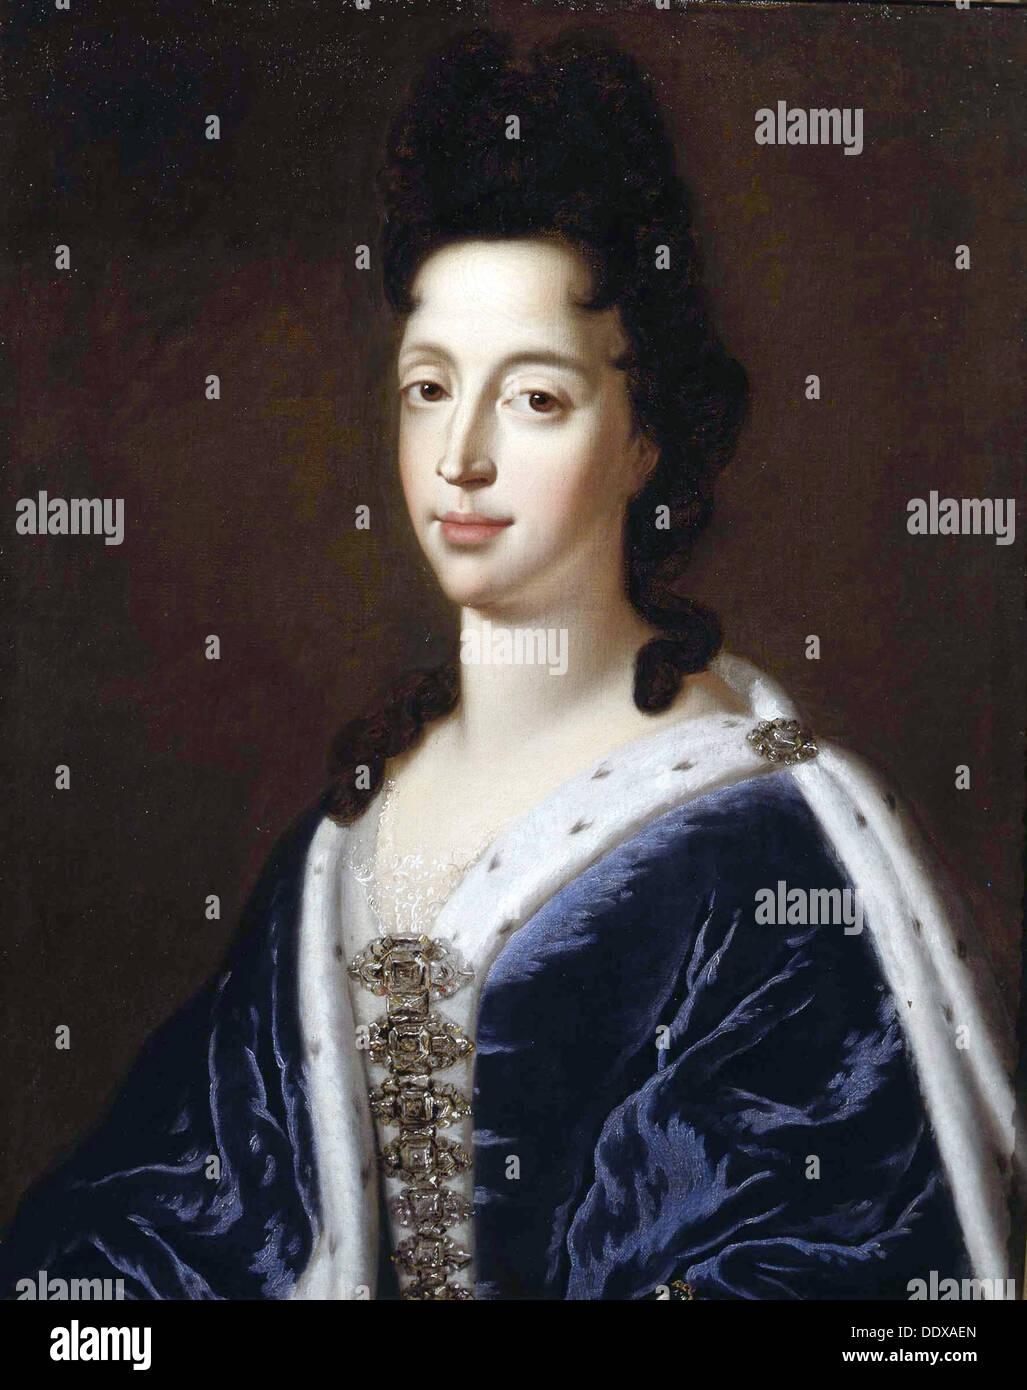 Mary of Modena - Stock Image